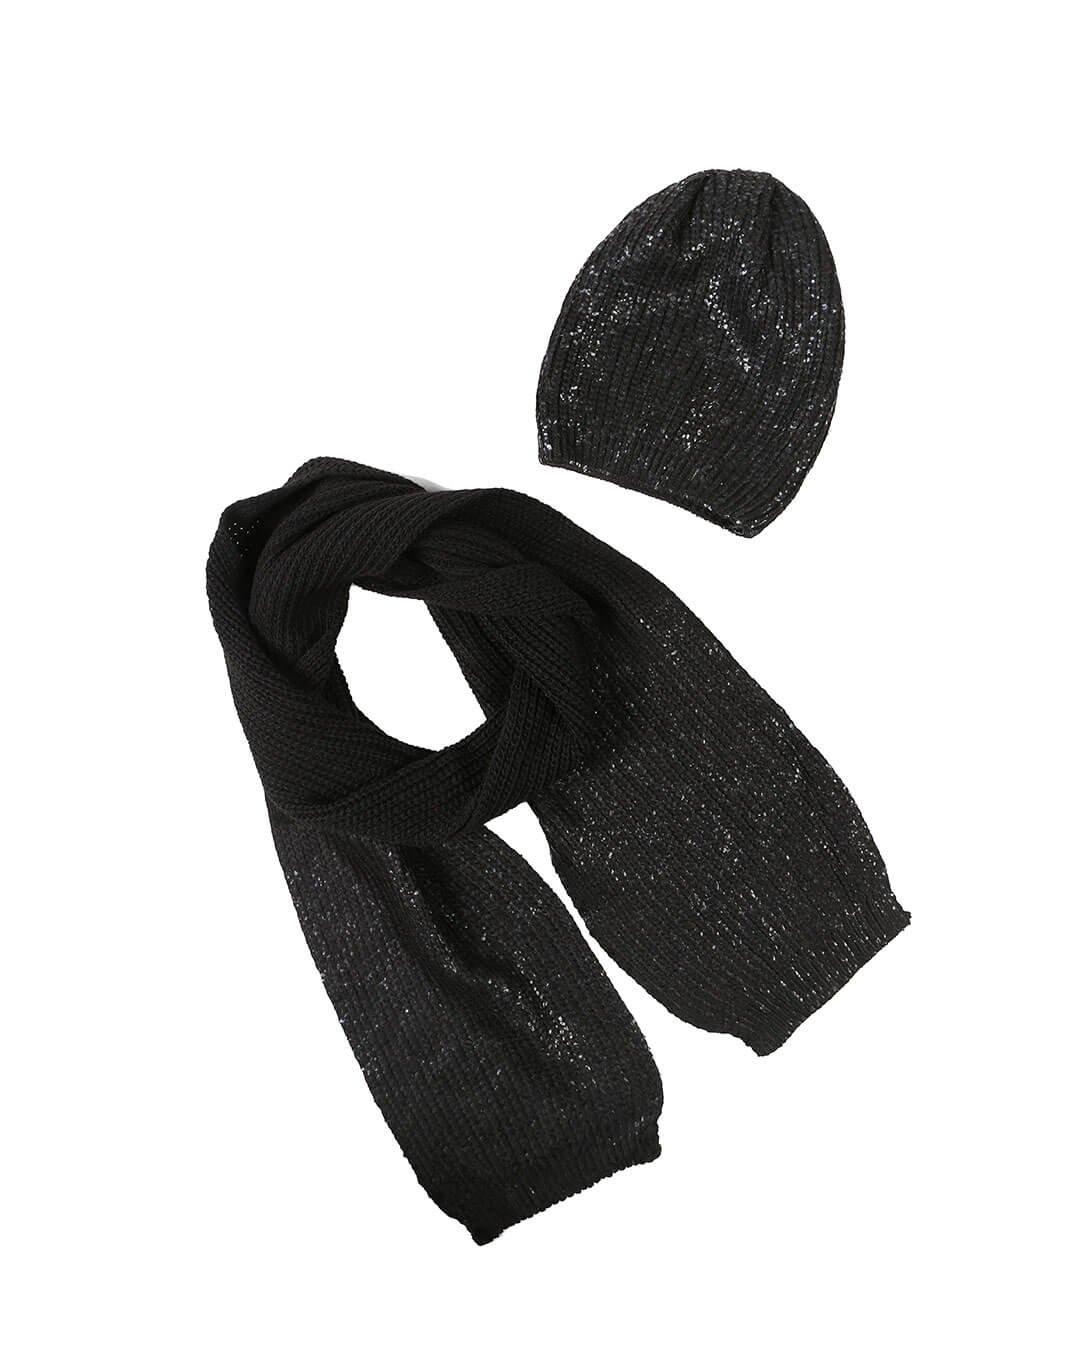 CMFW-19-19 - Melanjlı Atkı Bere Takımı - CMF Tekstil